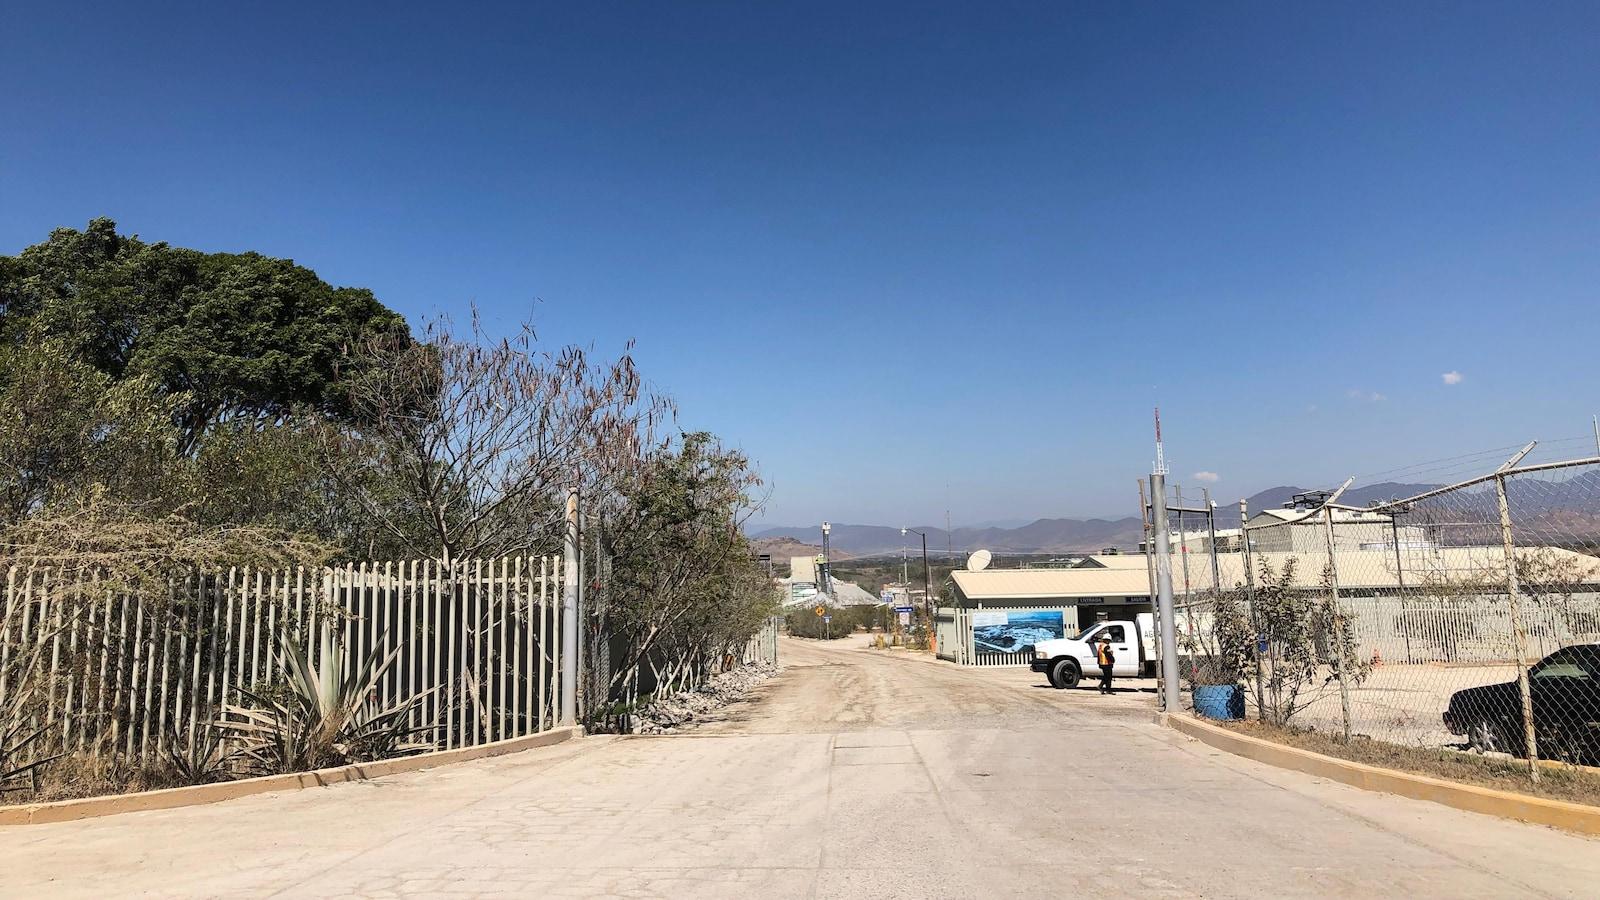 À l'entrée, un travailleur près d'une camionnette blanche, et plus loin, des bâtiments.